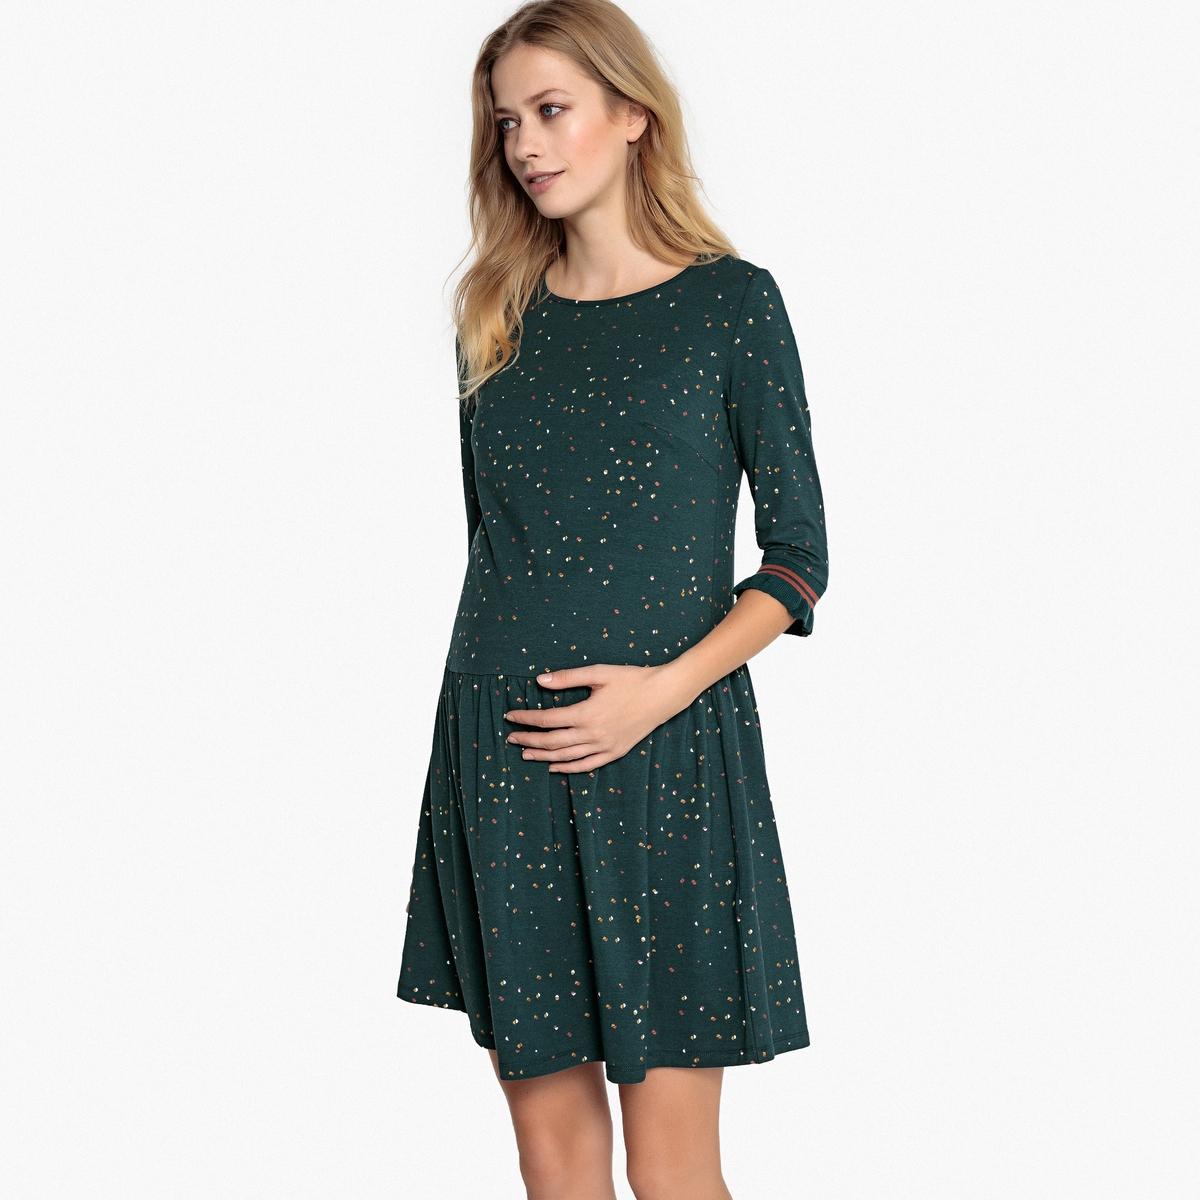 Платье La Redoute С рисунком и рукавами до локтей для периода беременности L другие платье la redoute из трикотажа для периода беременности s другие